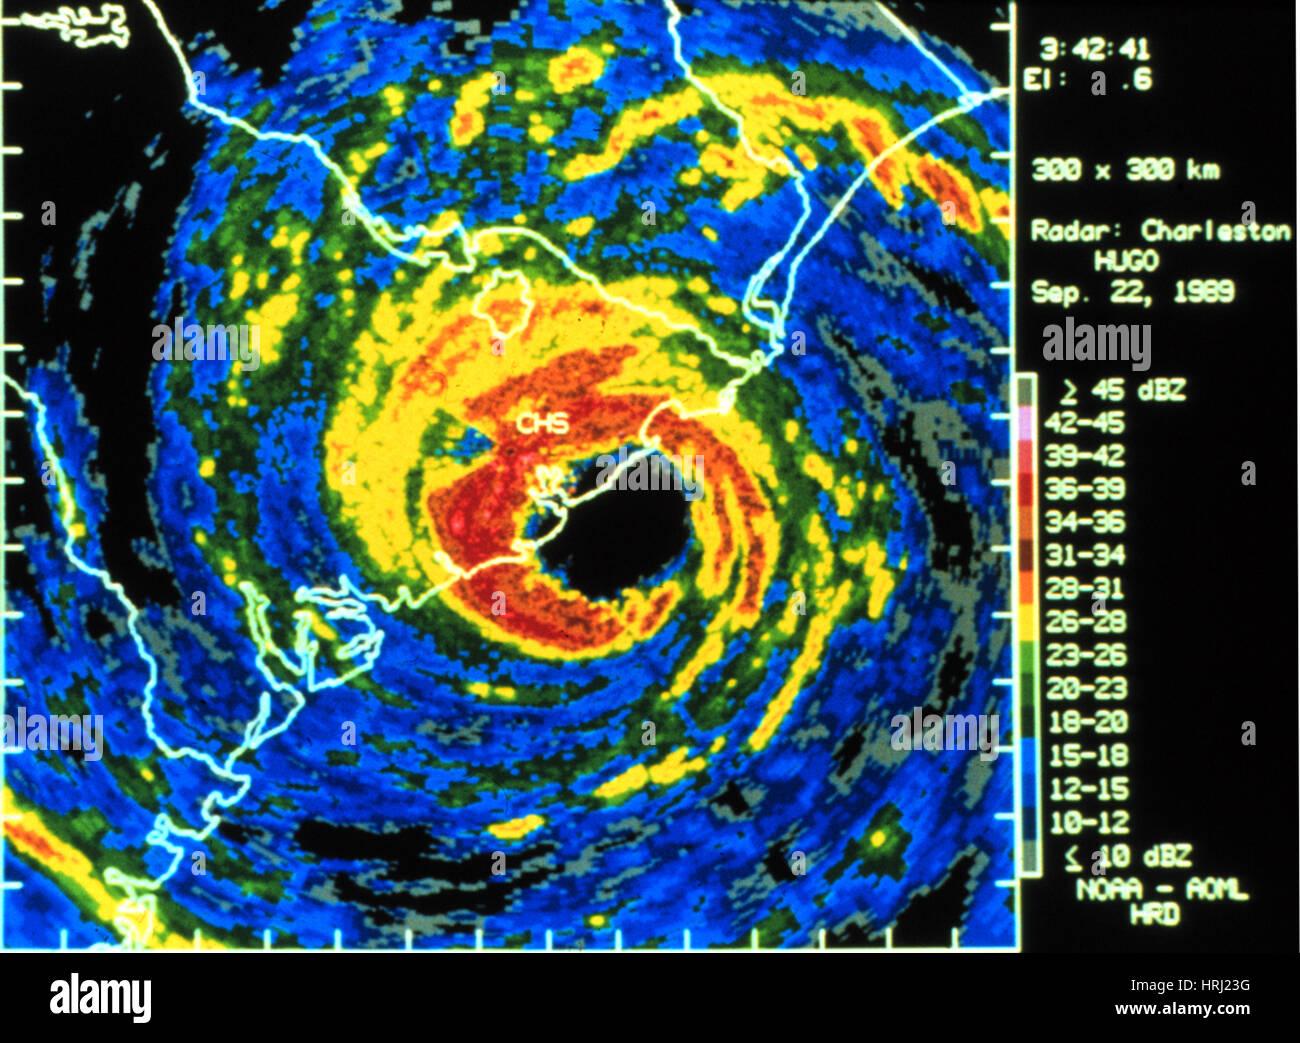 El huracán Hugo, Digitalizado imagen de radar, 1989 Imagen De Stock